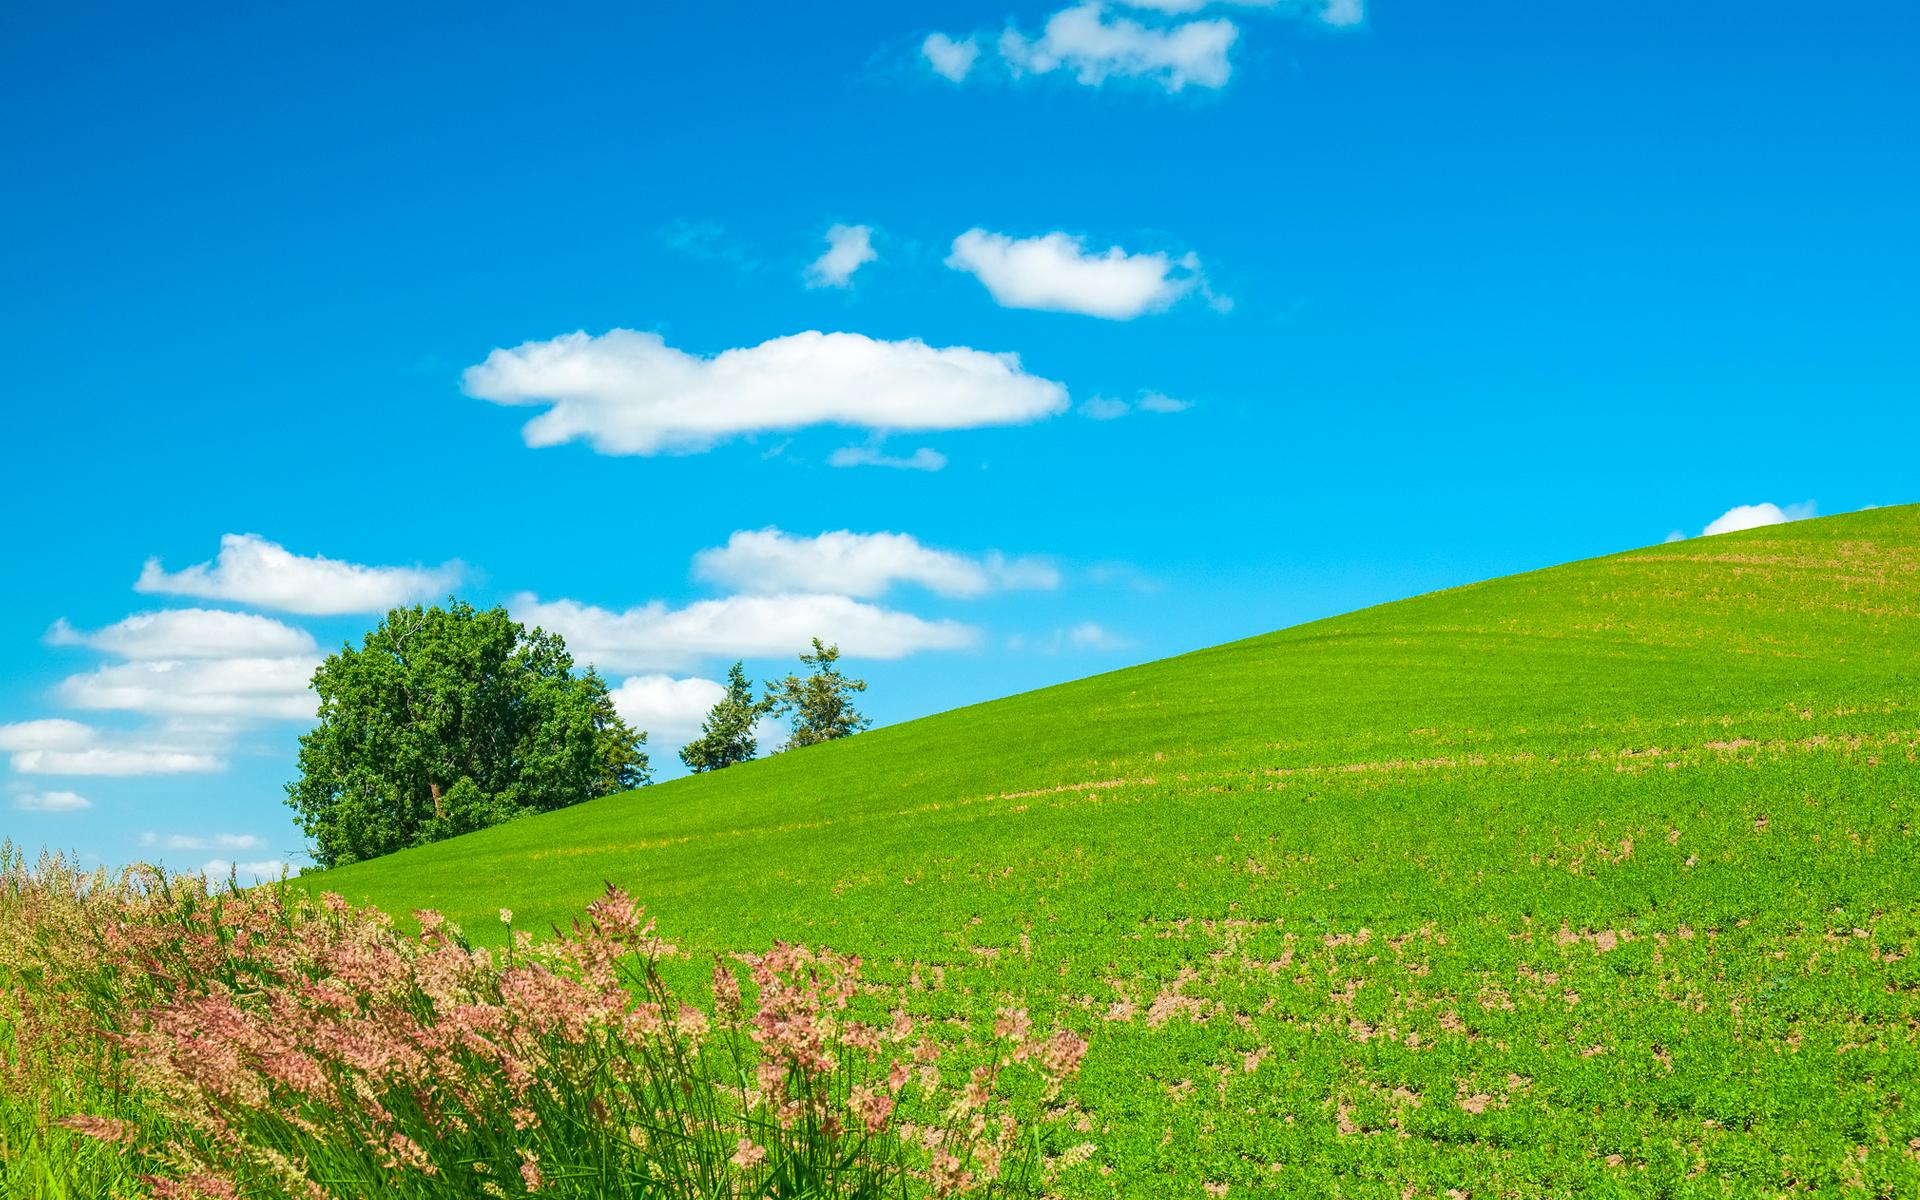 清新绿色草原蓝天碧草风景壁纸